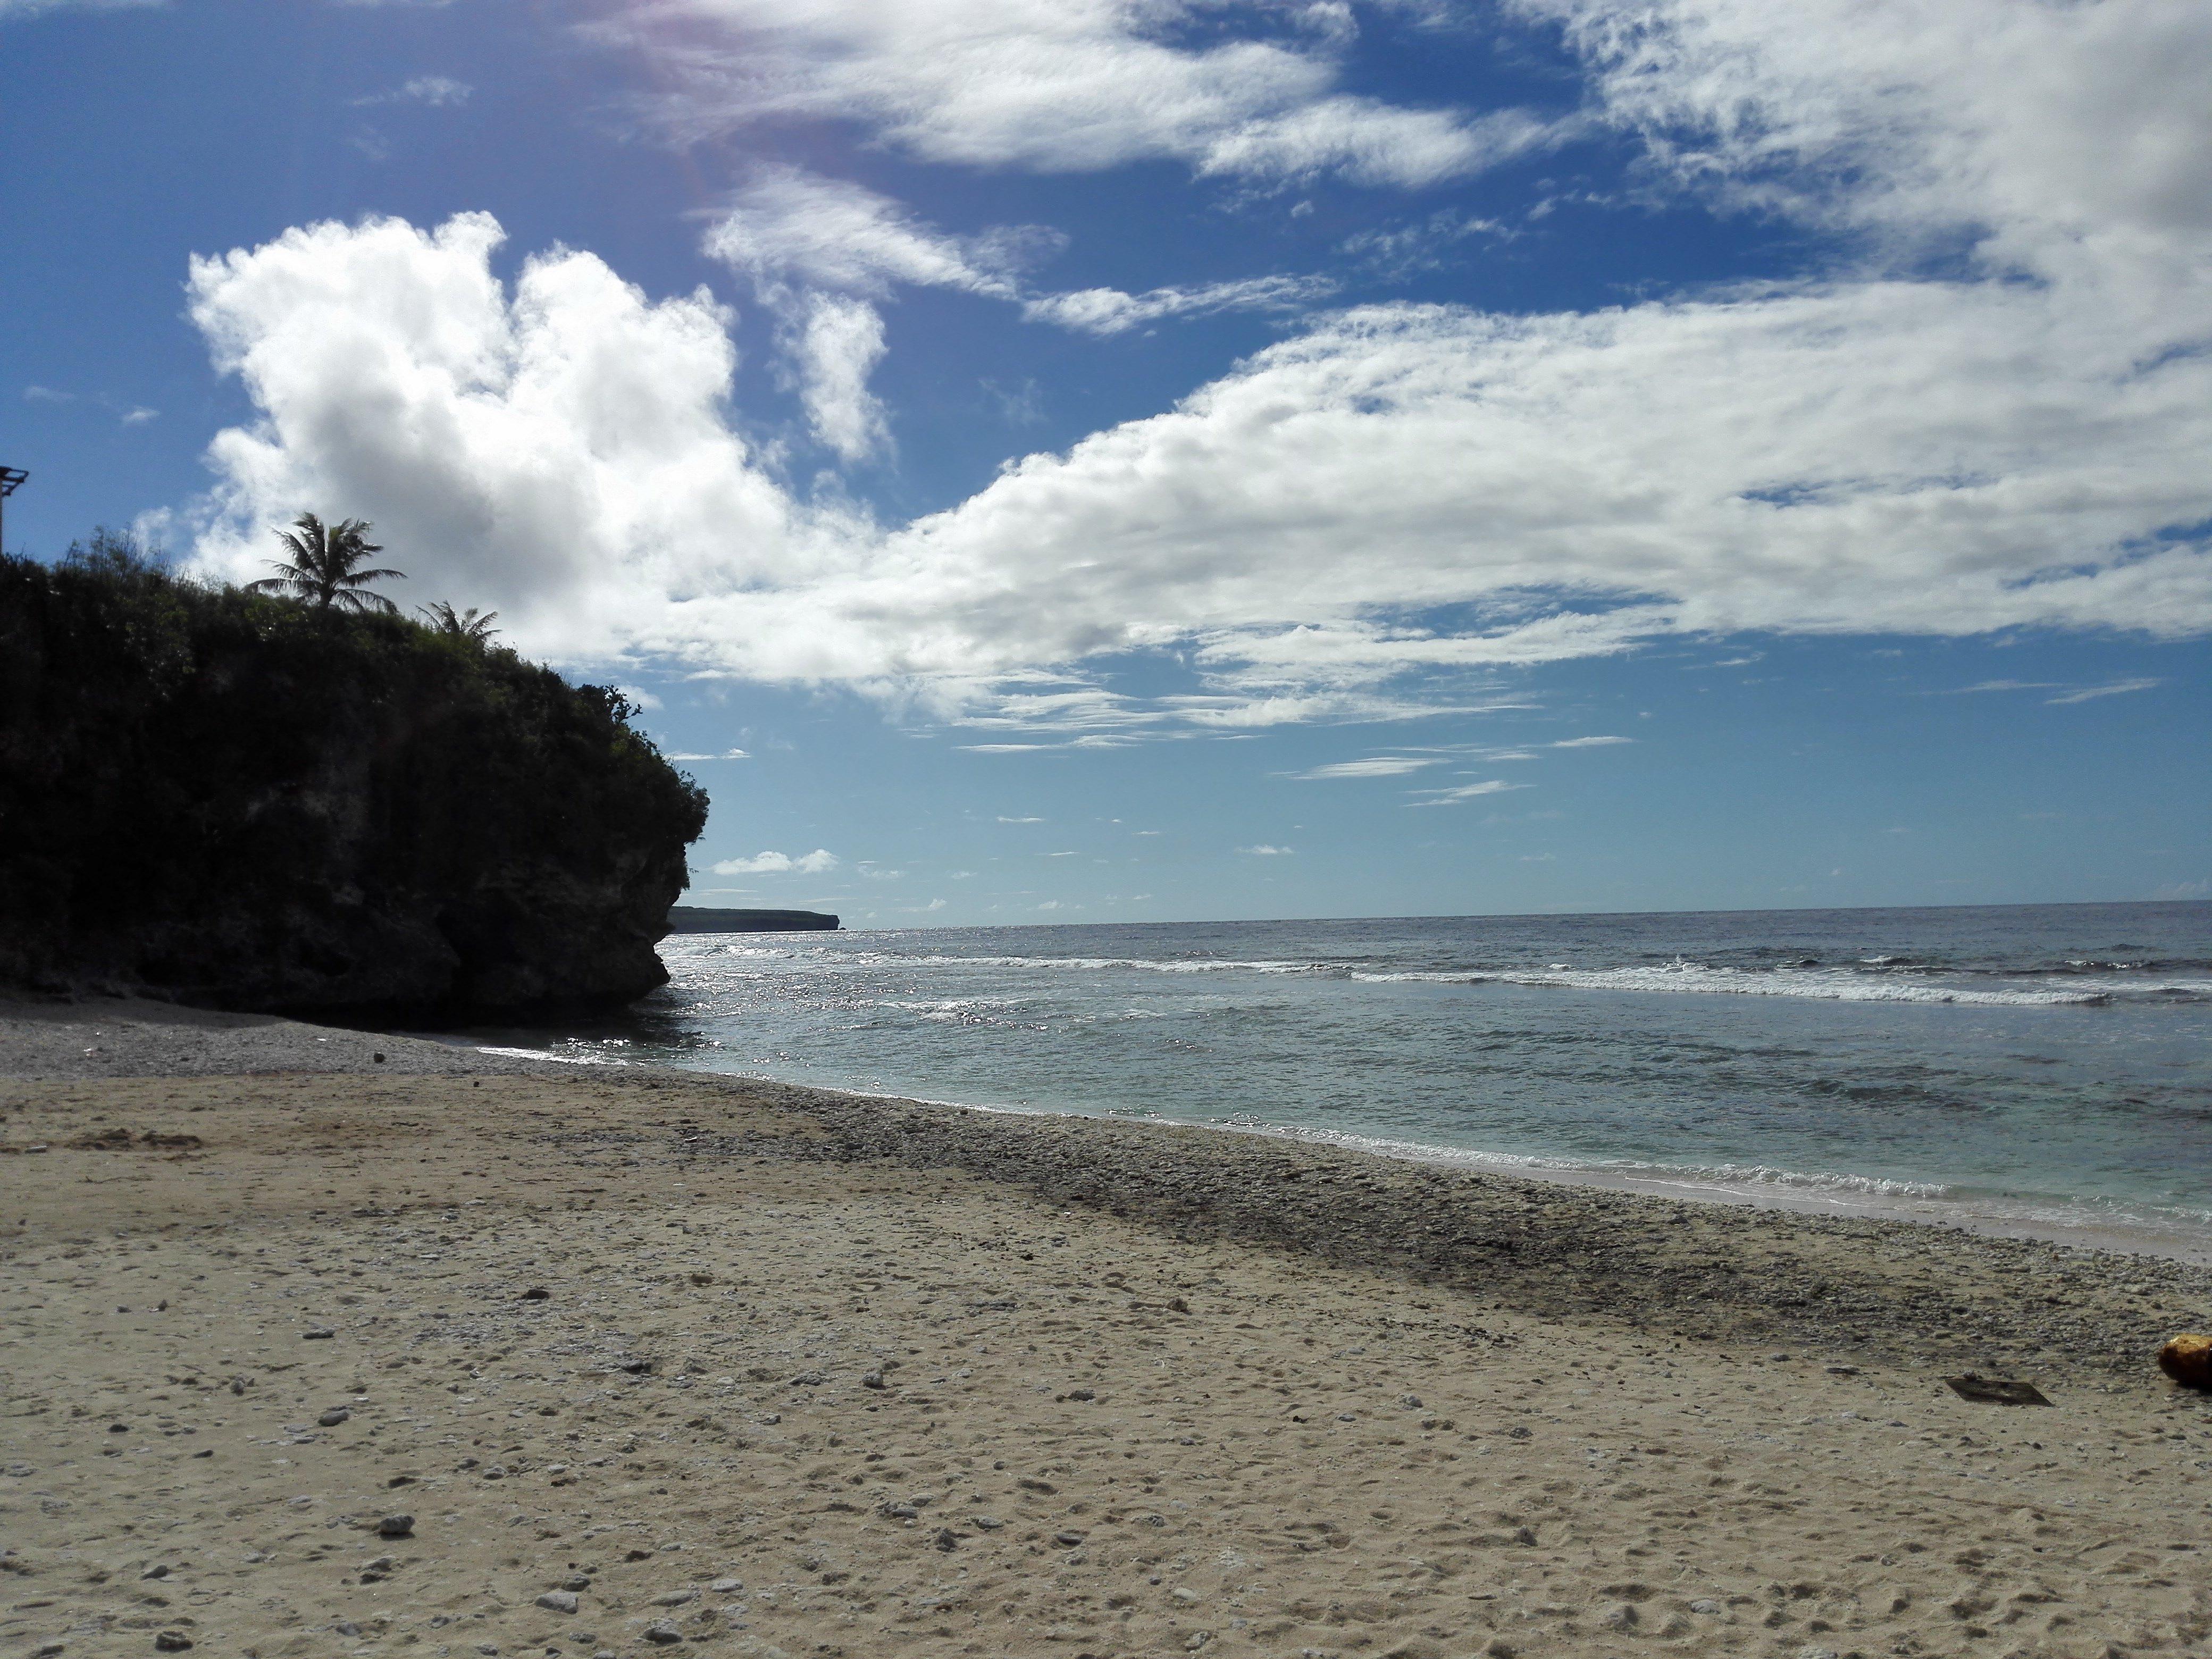 拉德海灘(跑男海灘)  Ladder Beach   -2